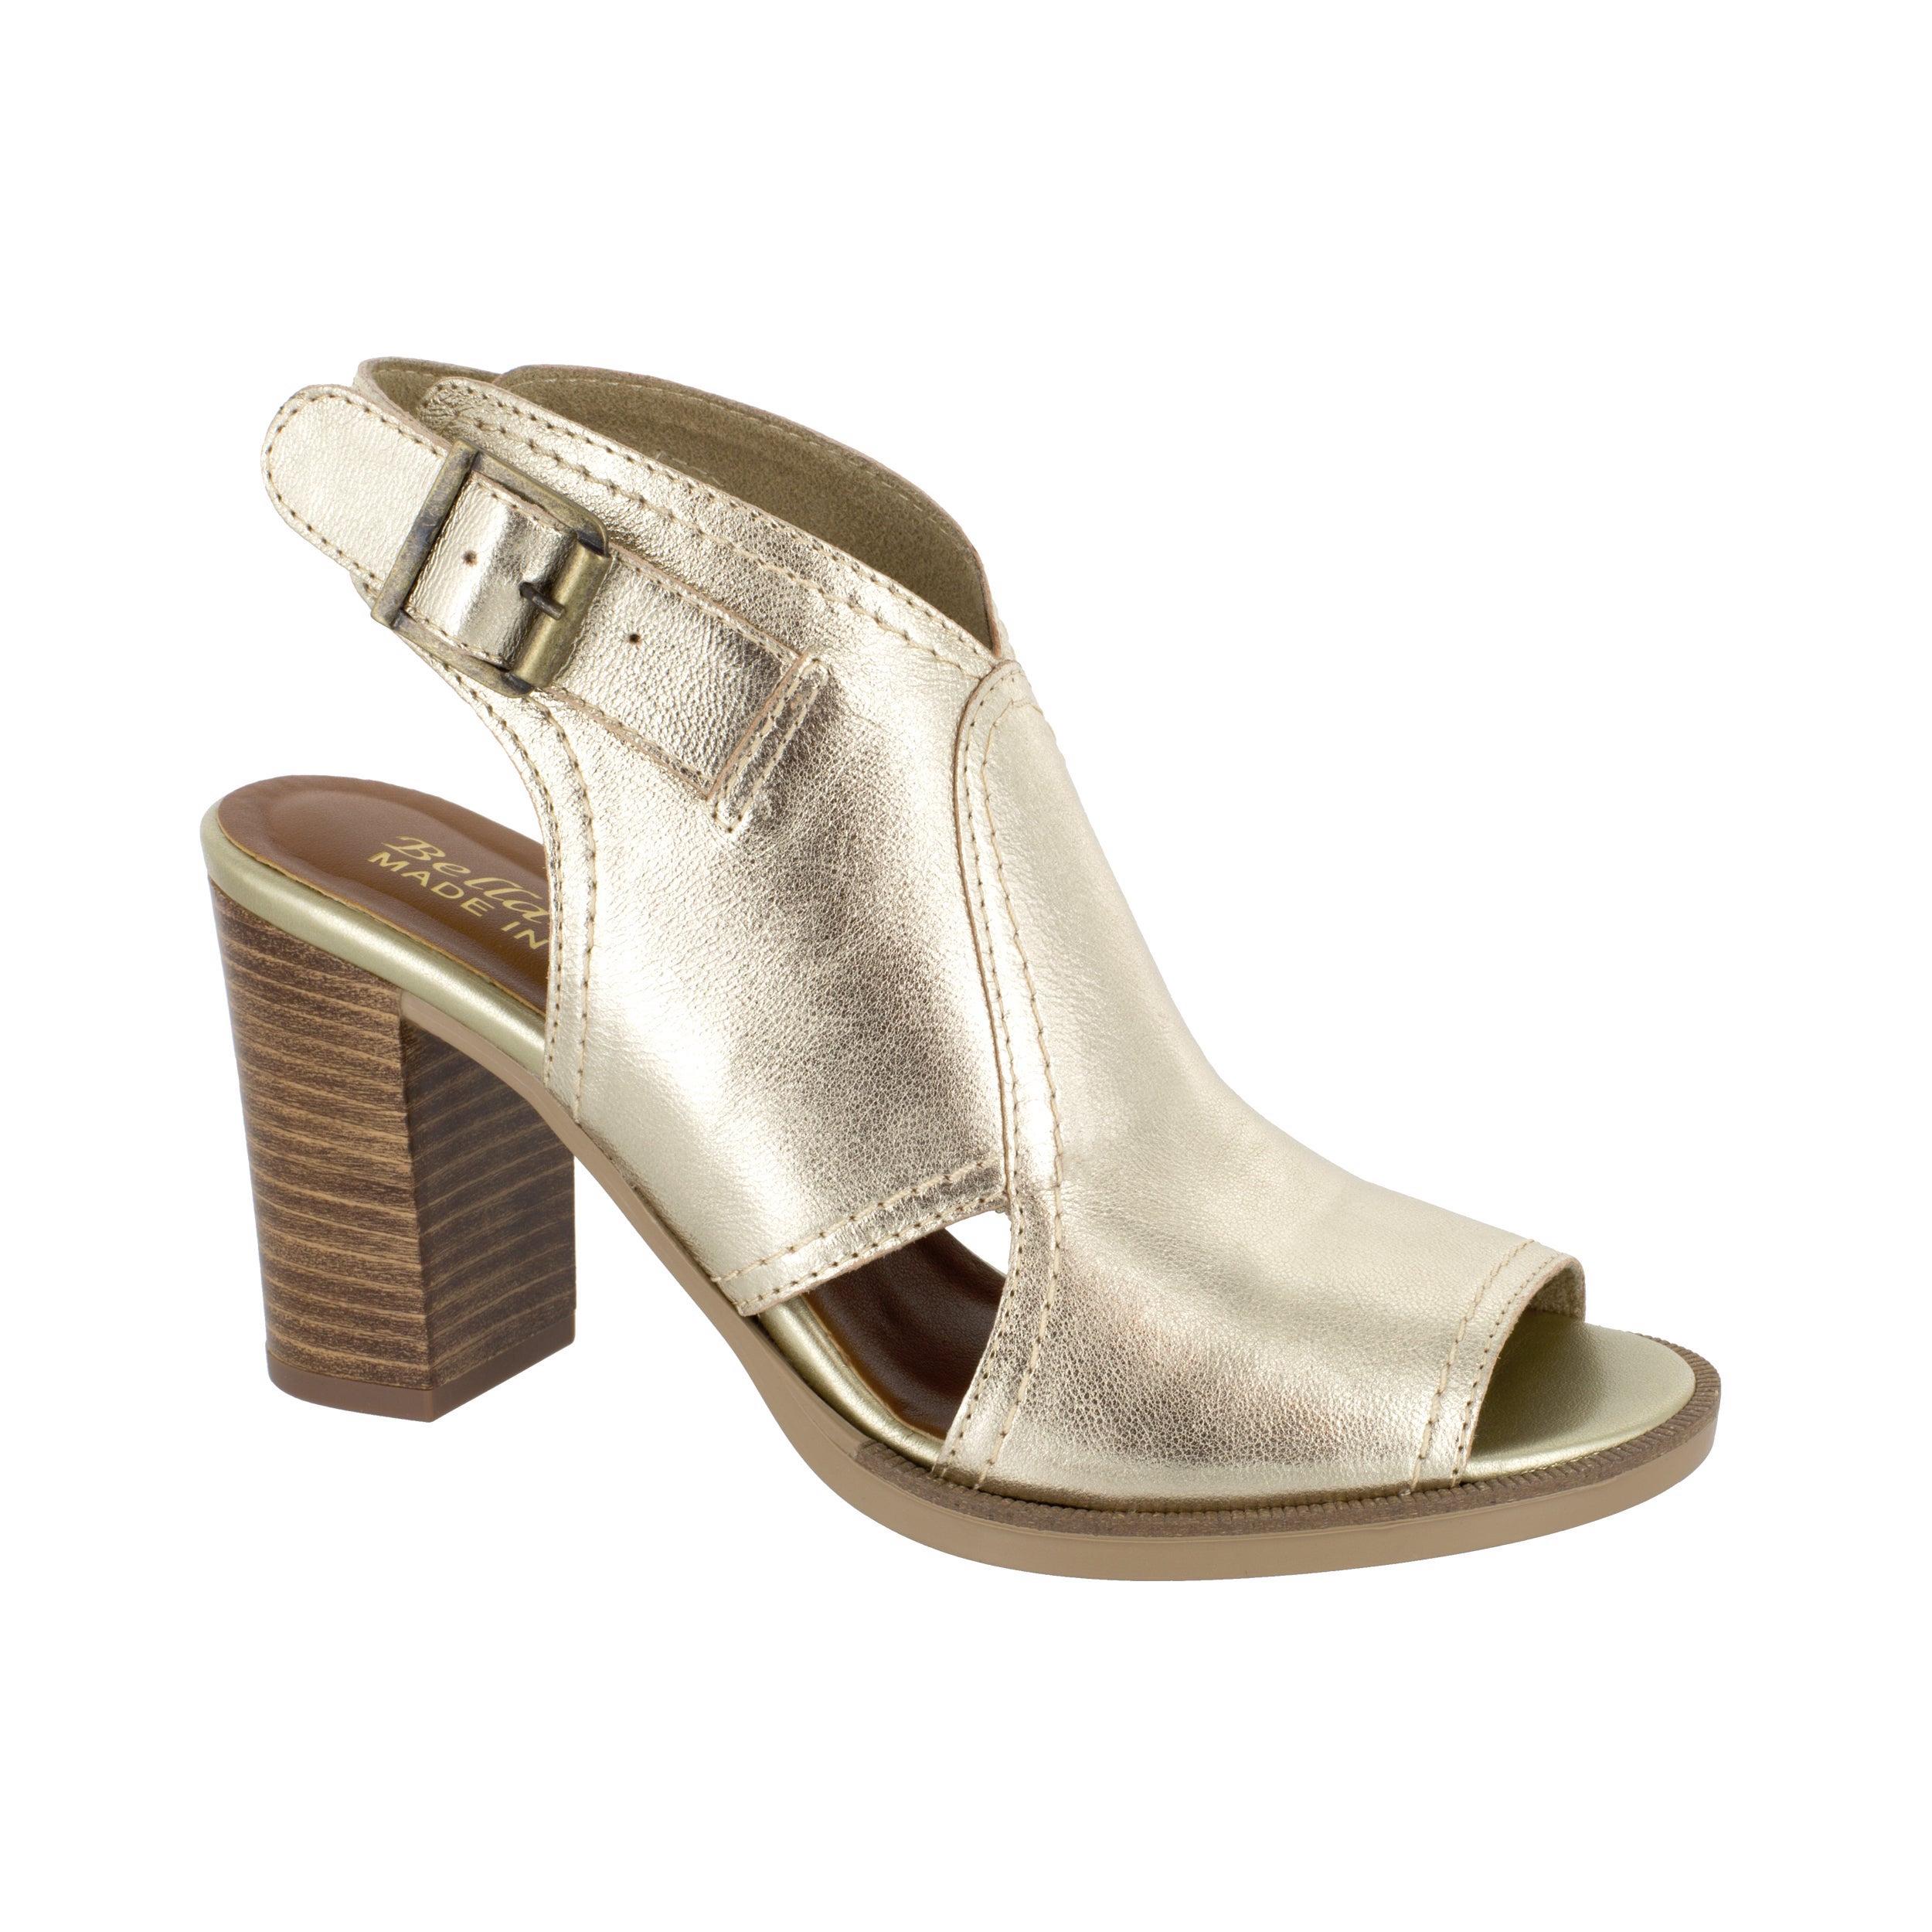 Bella Vita Womens Vivitaly Open Toe Casual Ankle Strap Black Leather Size 5.0